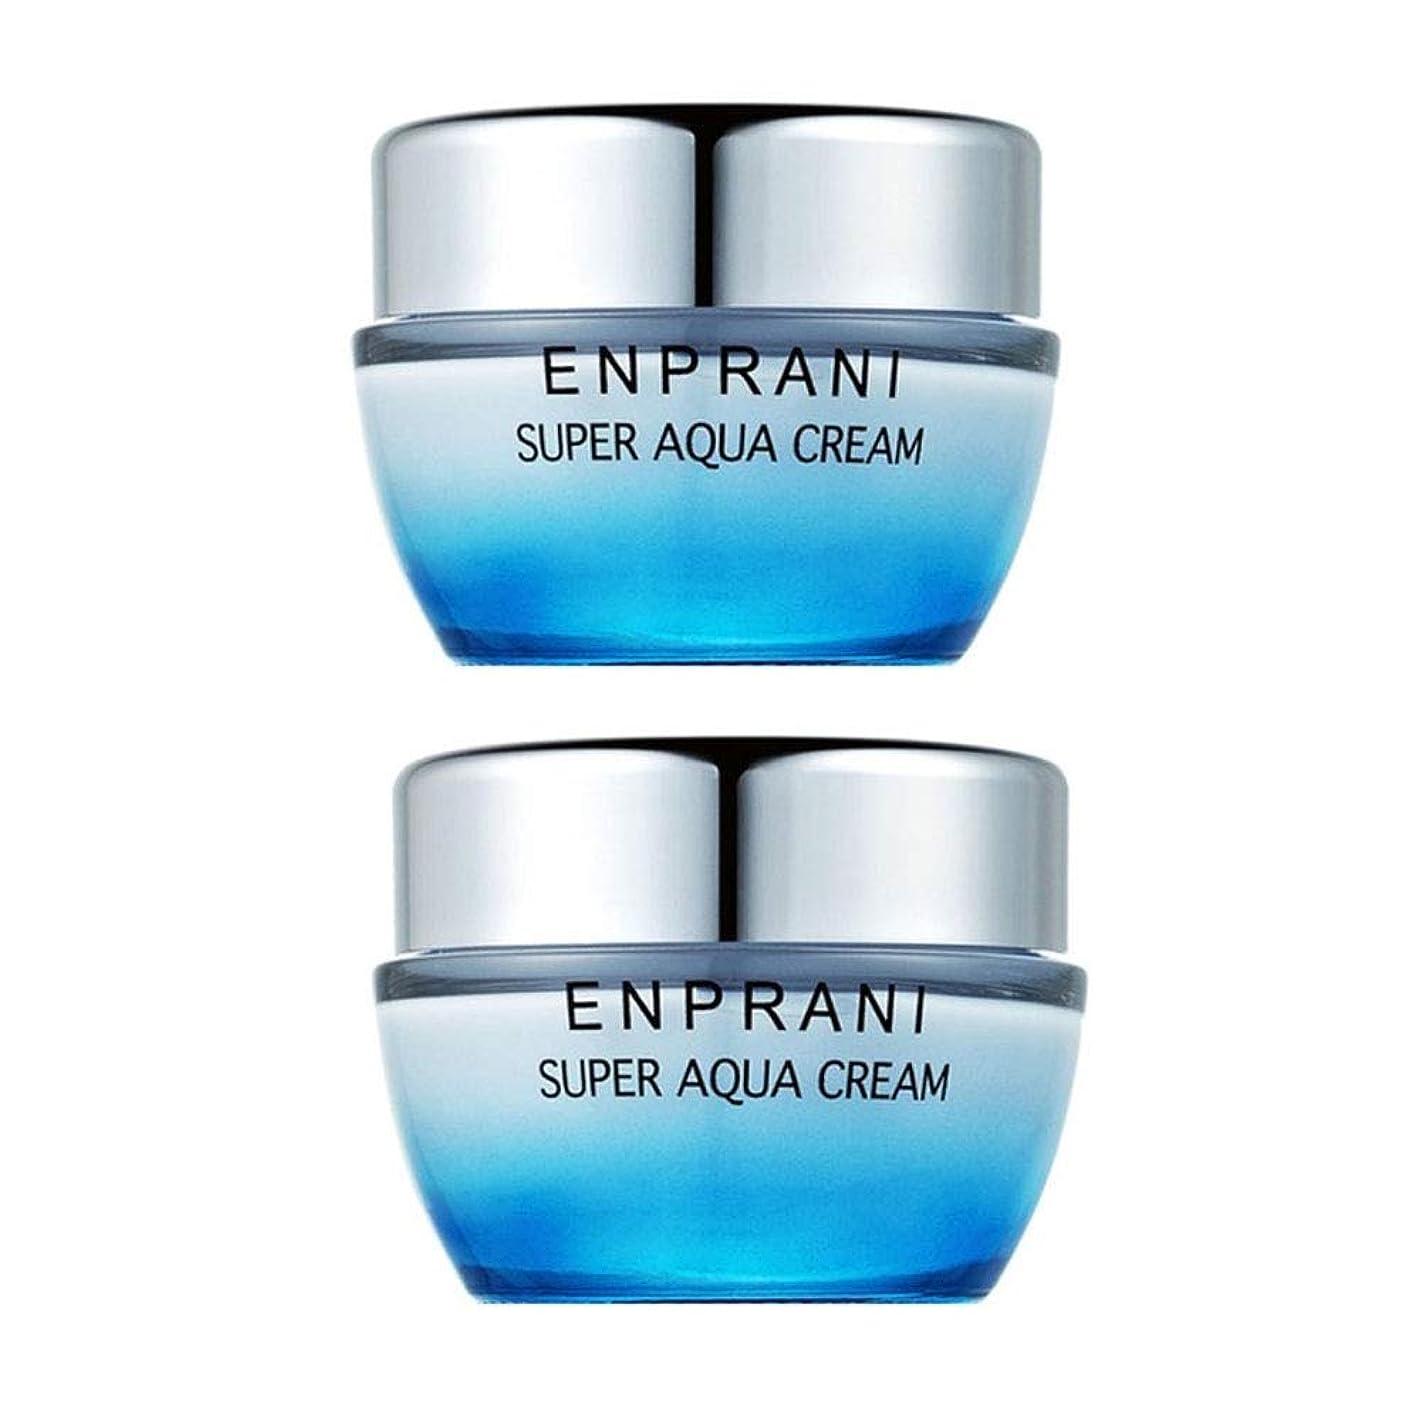 商標できない商標エンプラニスーパーアクアクリーム50ml x 2本セット、Enprani Super Aqua Cream 50ml x 2ea Set [並行輸入品]